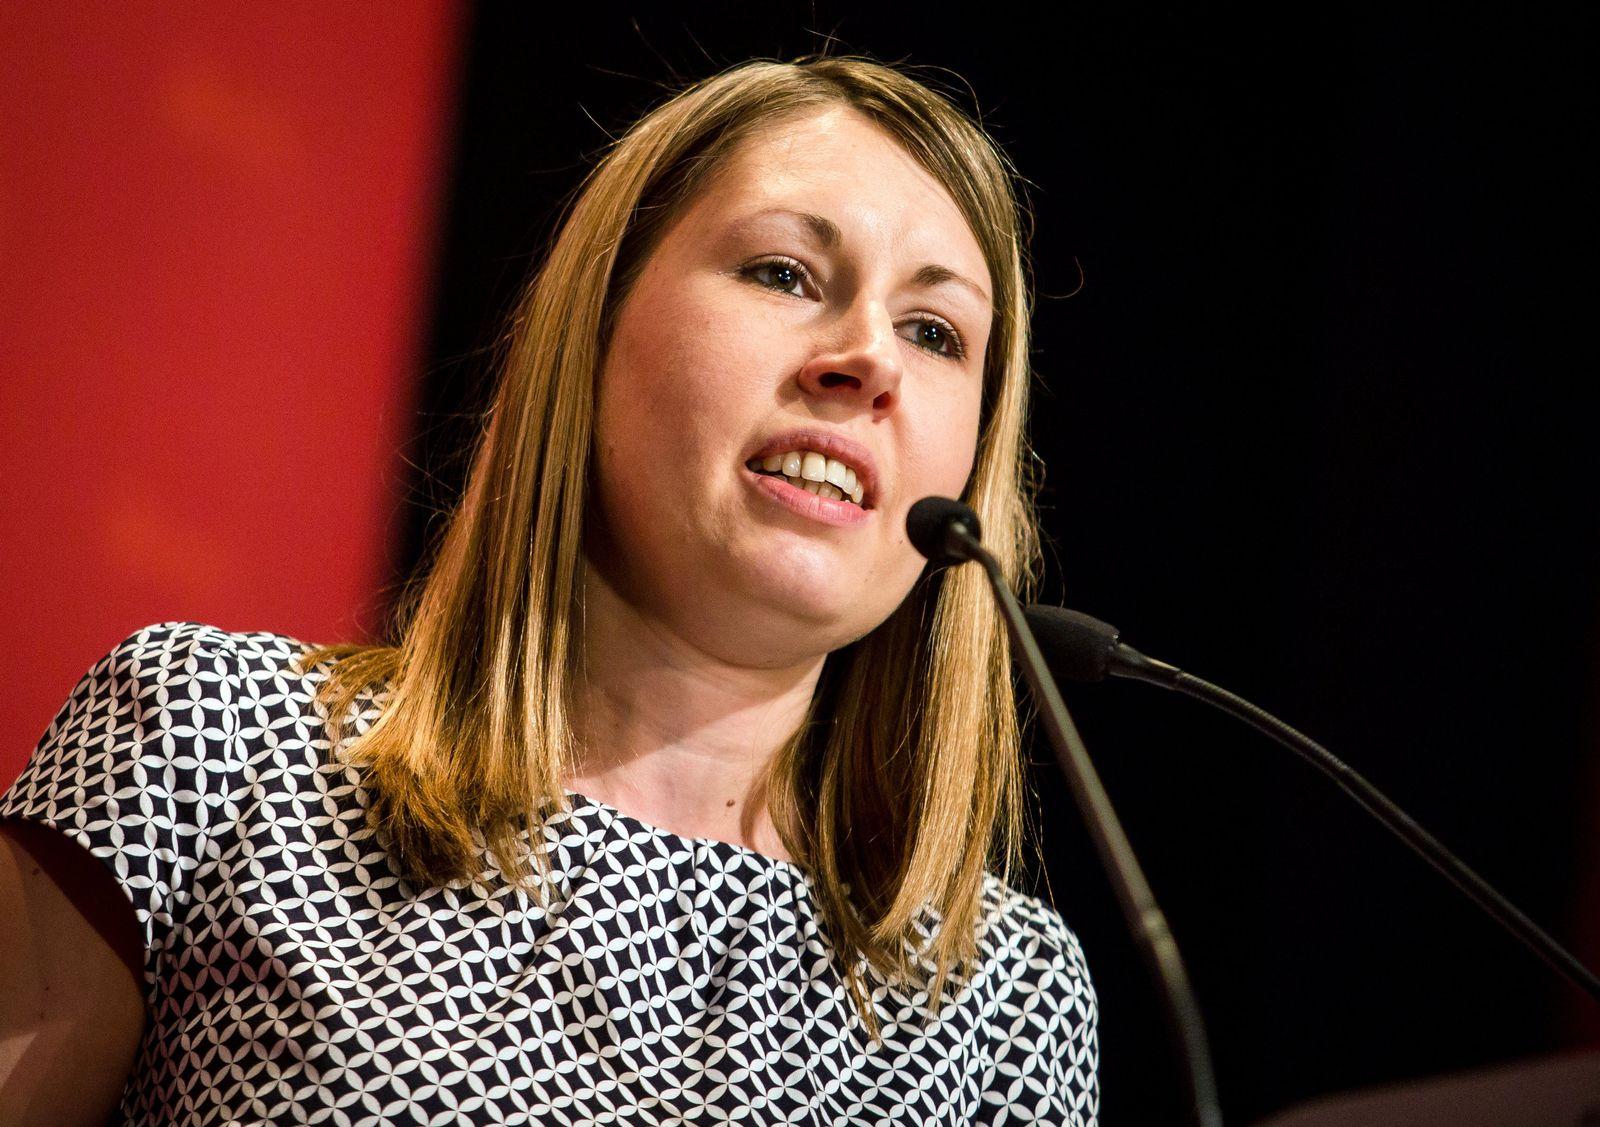 Unbekannte SPD-Politiker/ Luisa Boos